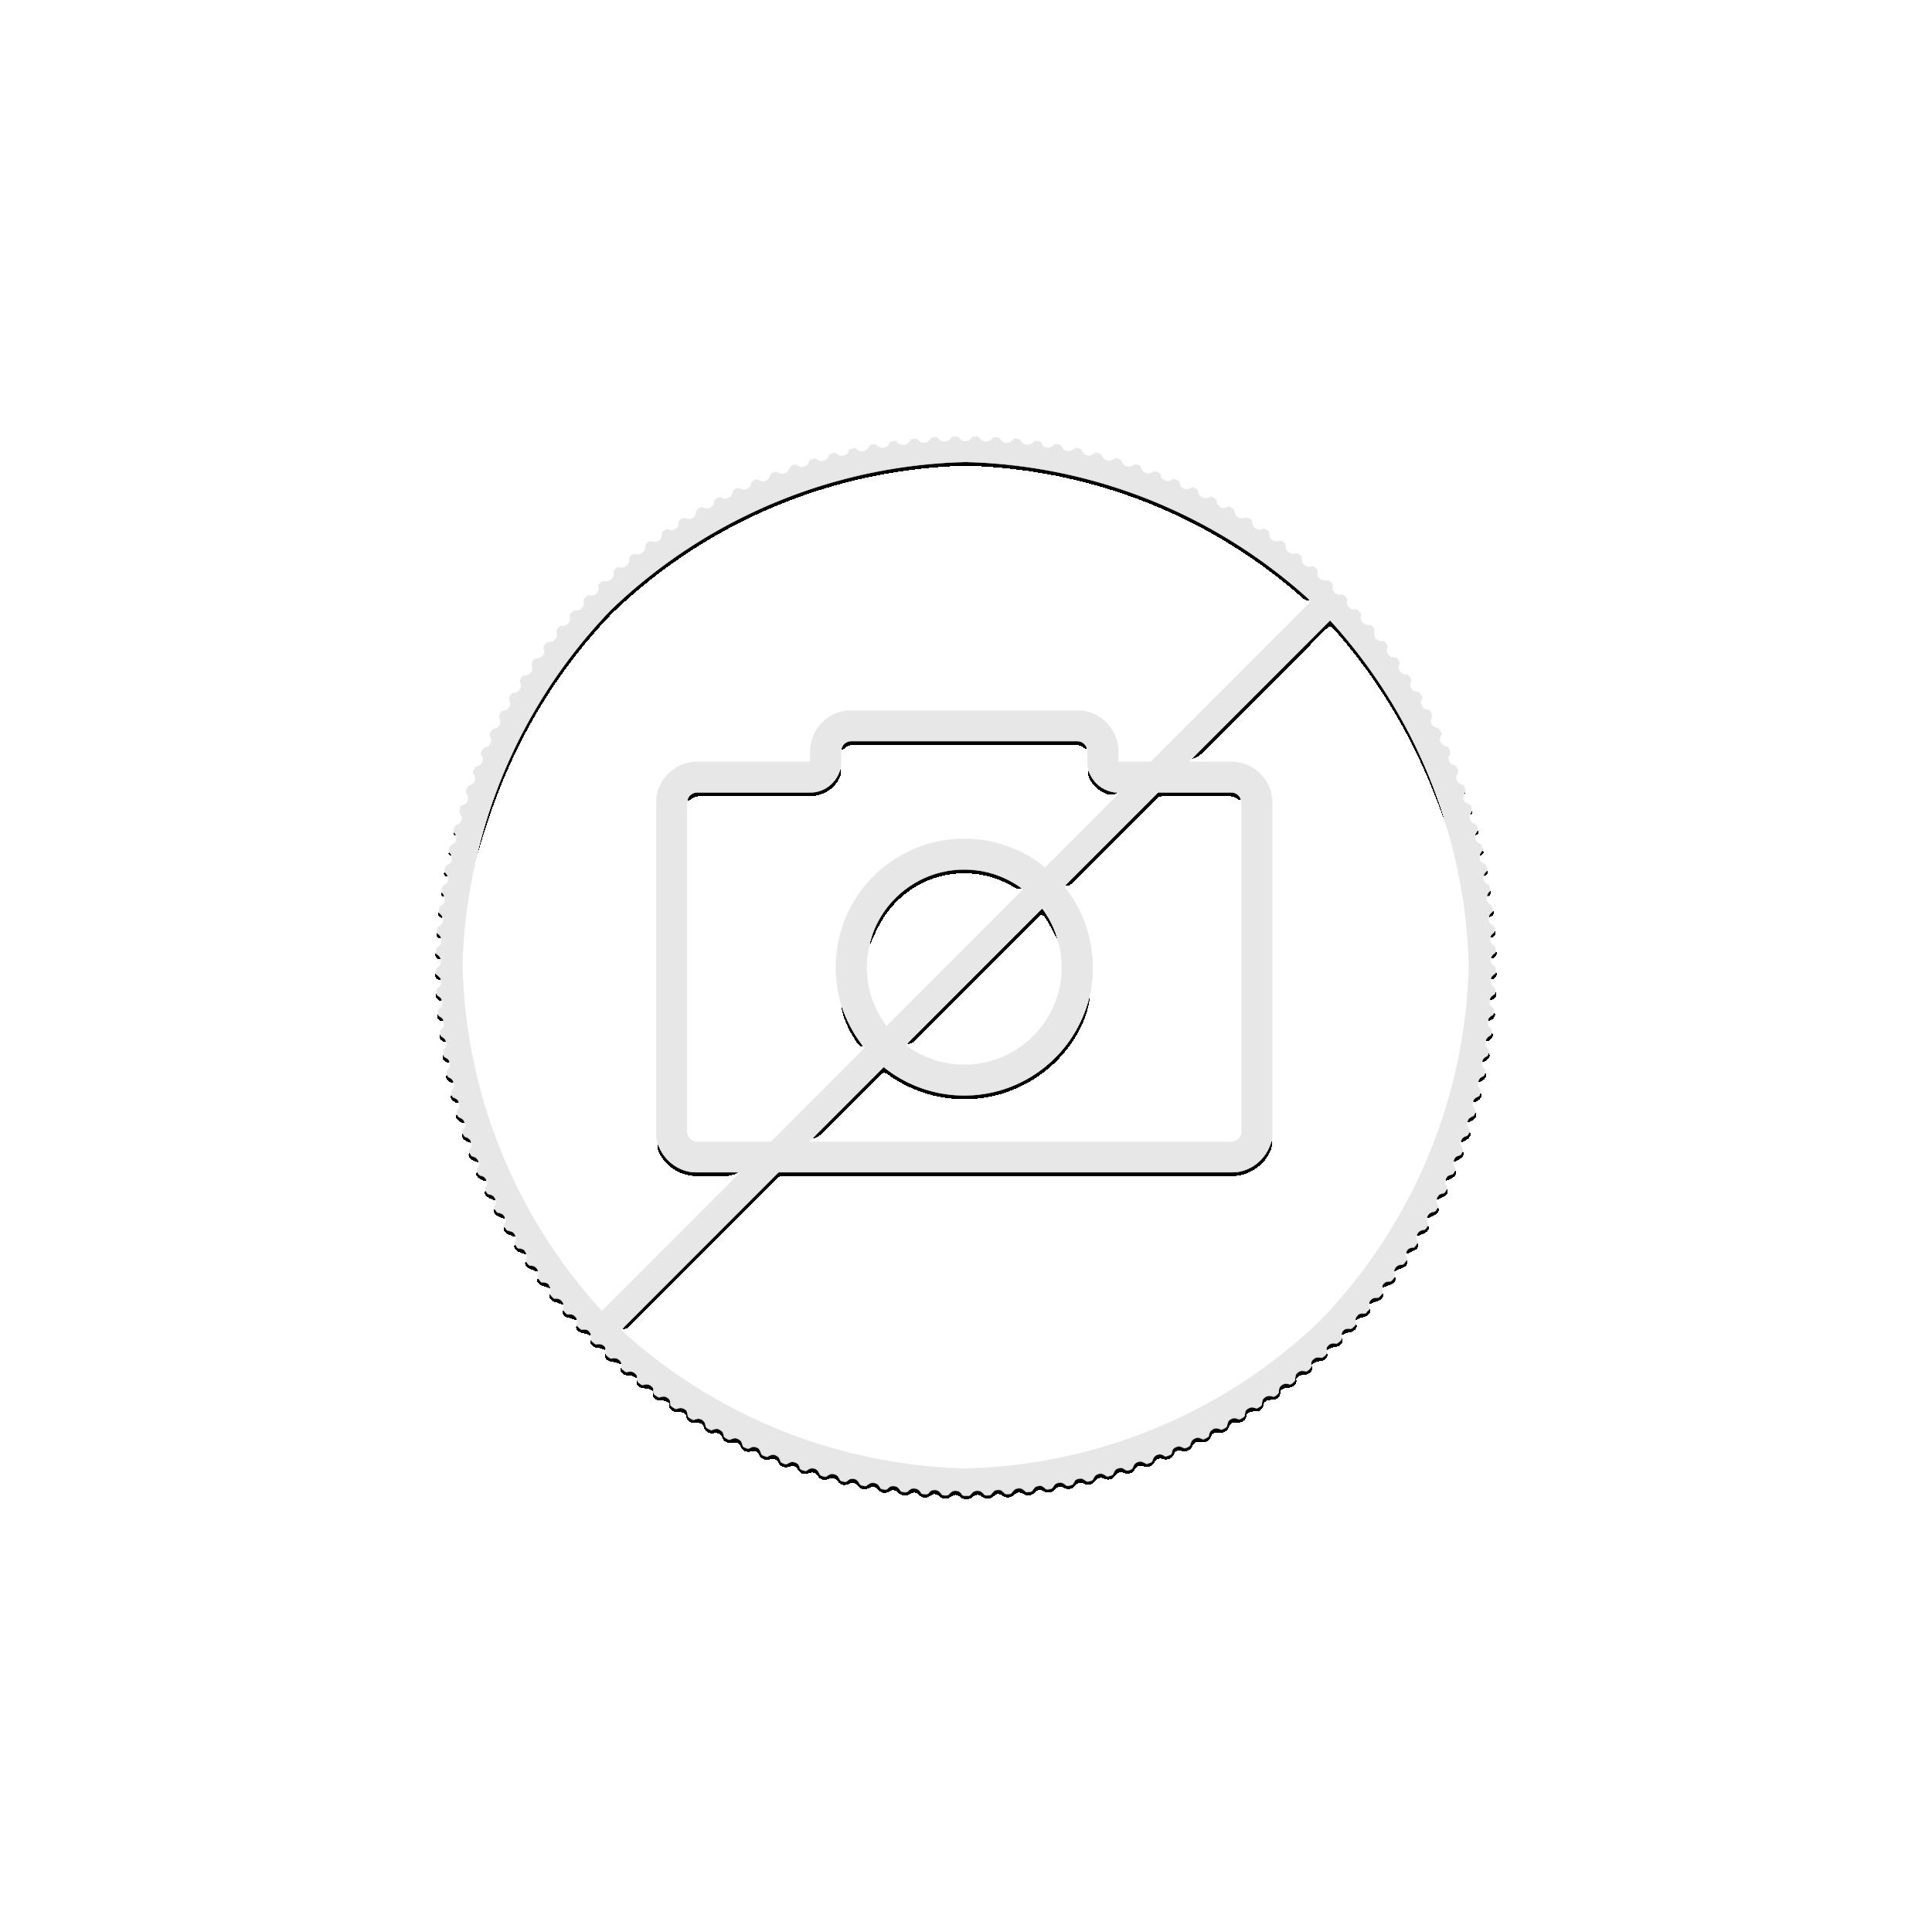 3-delige zilveren munten set Lunar 2021 Proof